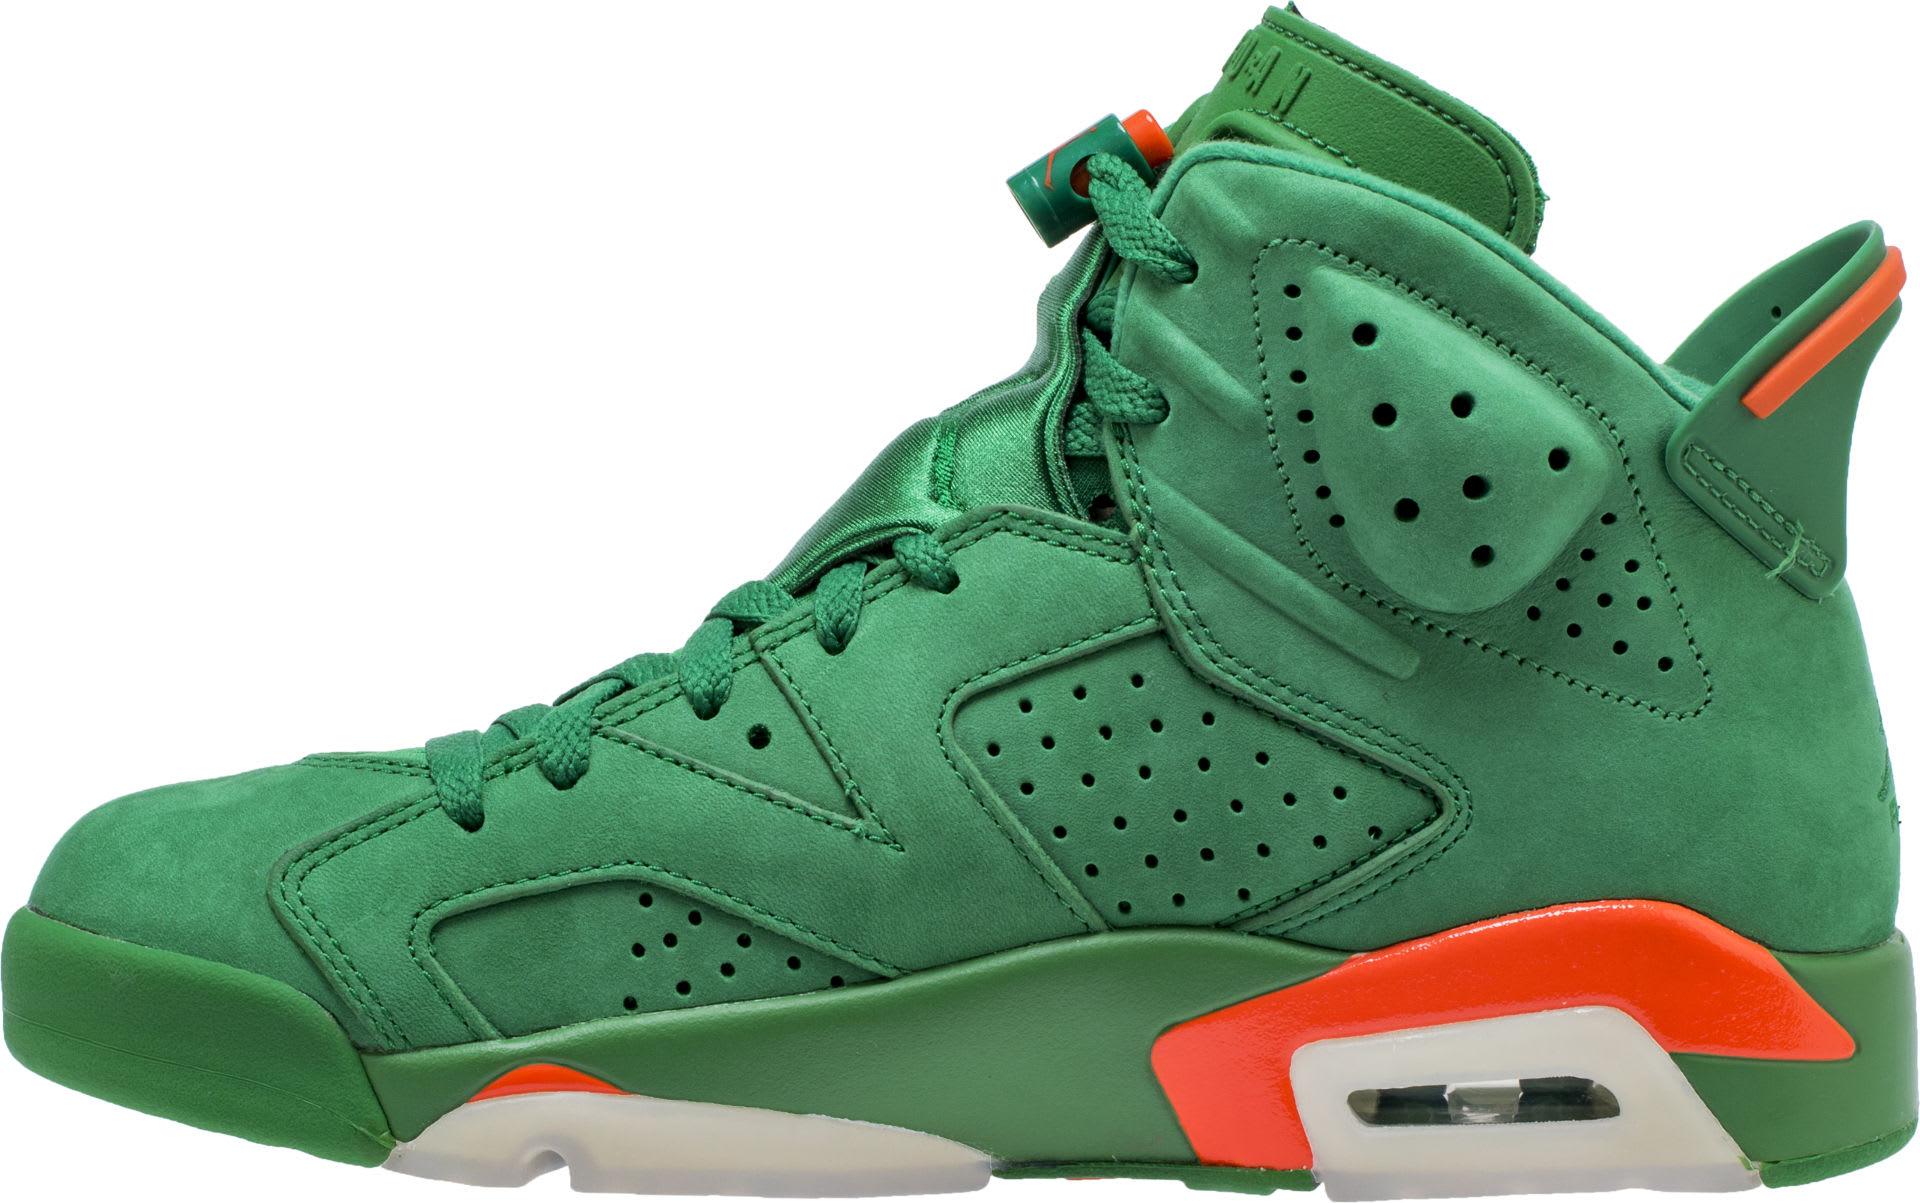 Air Jordan 6 VI Gatorade Green Release Date AJ5986-335 Medial